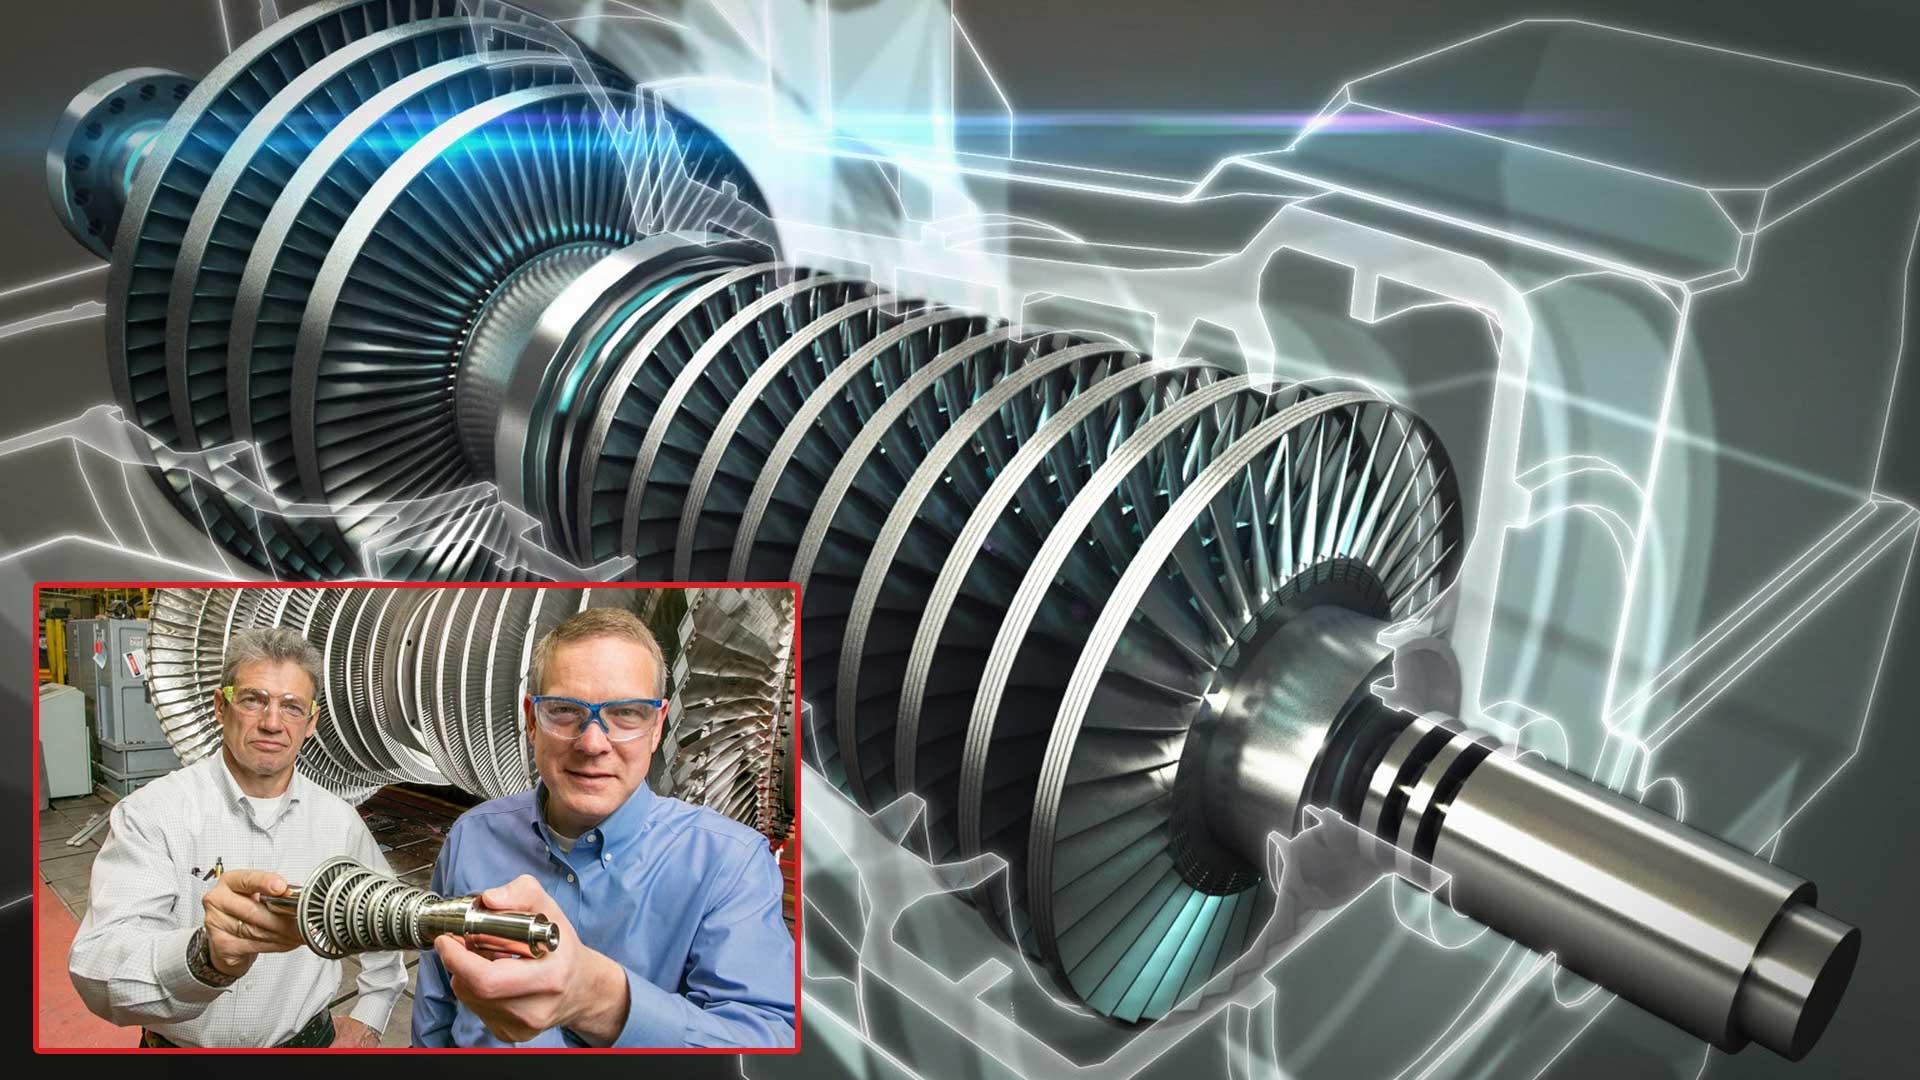 La turbina que dará un giro completo a nuestra forma de ver la energía ya está aquí